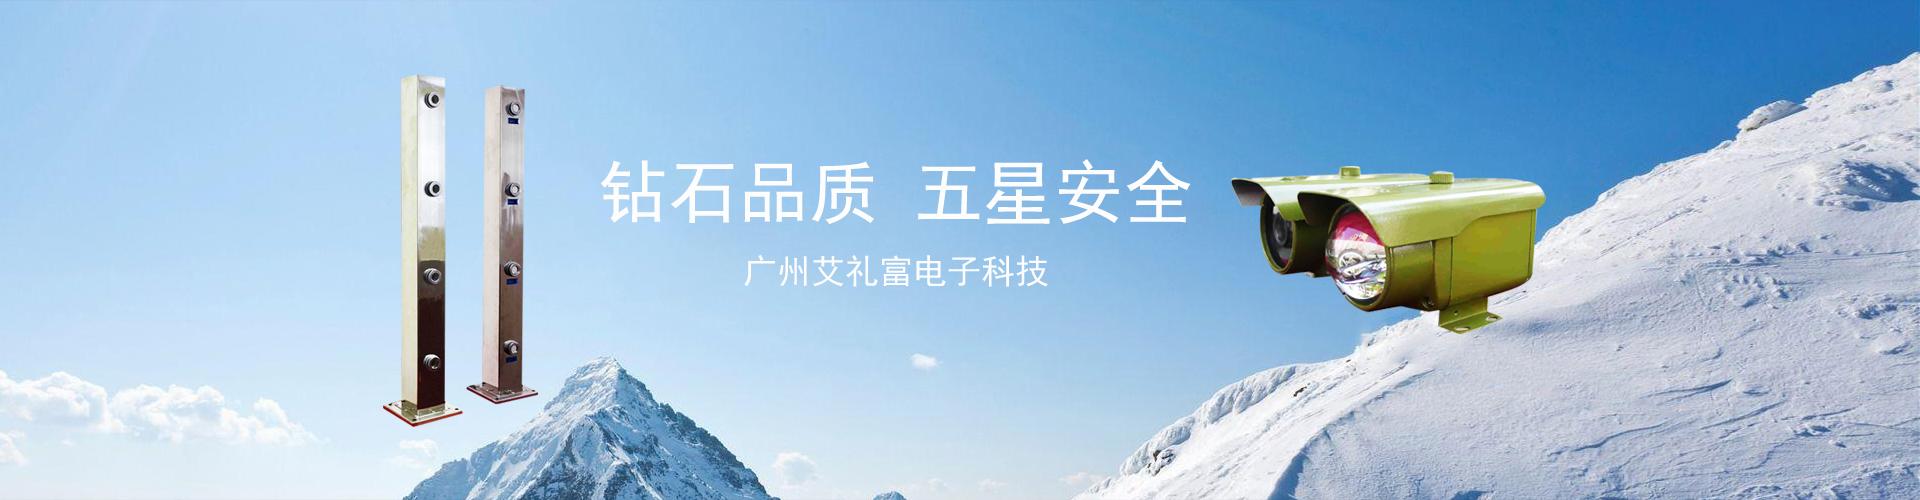 10月北京展會信息-廣州市艾禮富...